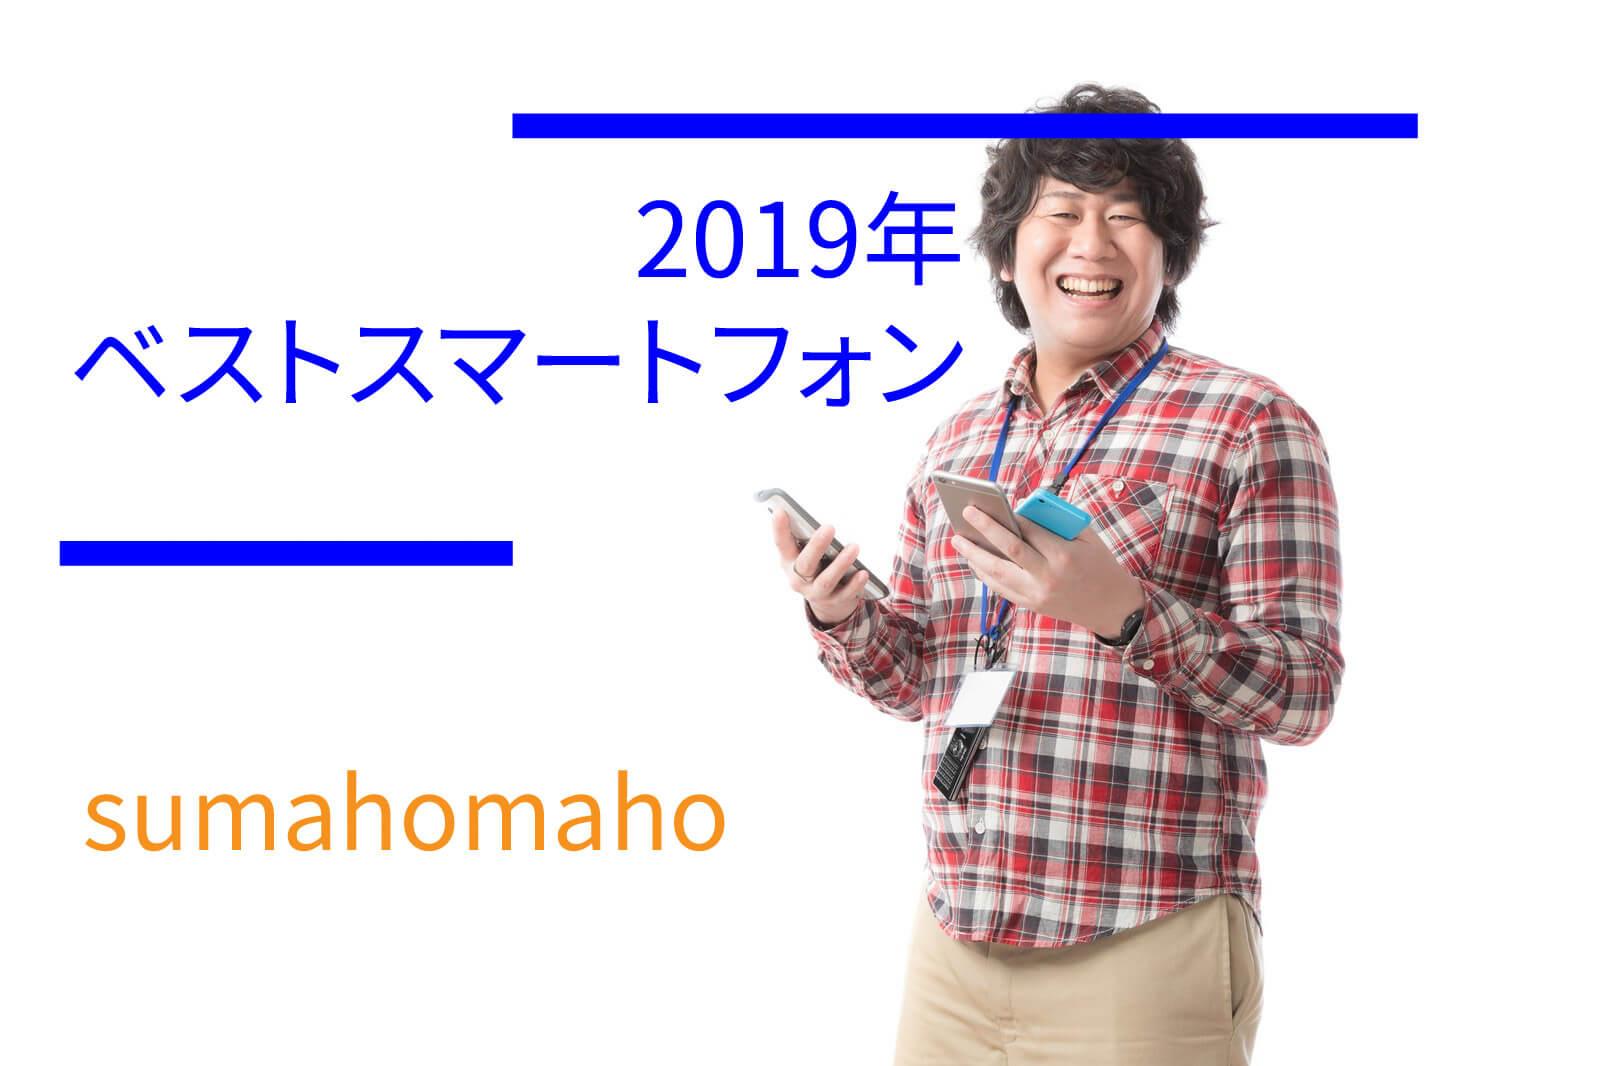 スマホマホが選ぶ2019年 ベストスマートフォン┃2019年 あなたが選ぶベストスマートフォン Advent Calendar 2019 企画